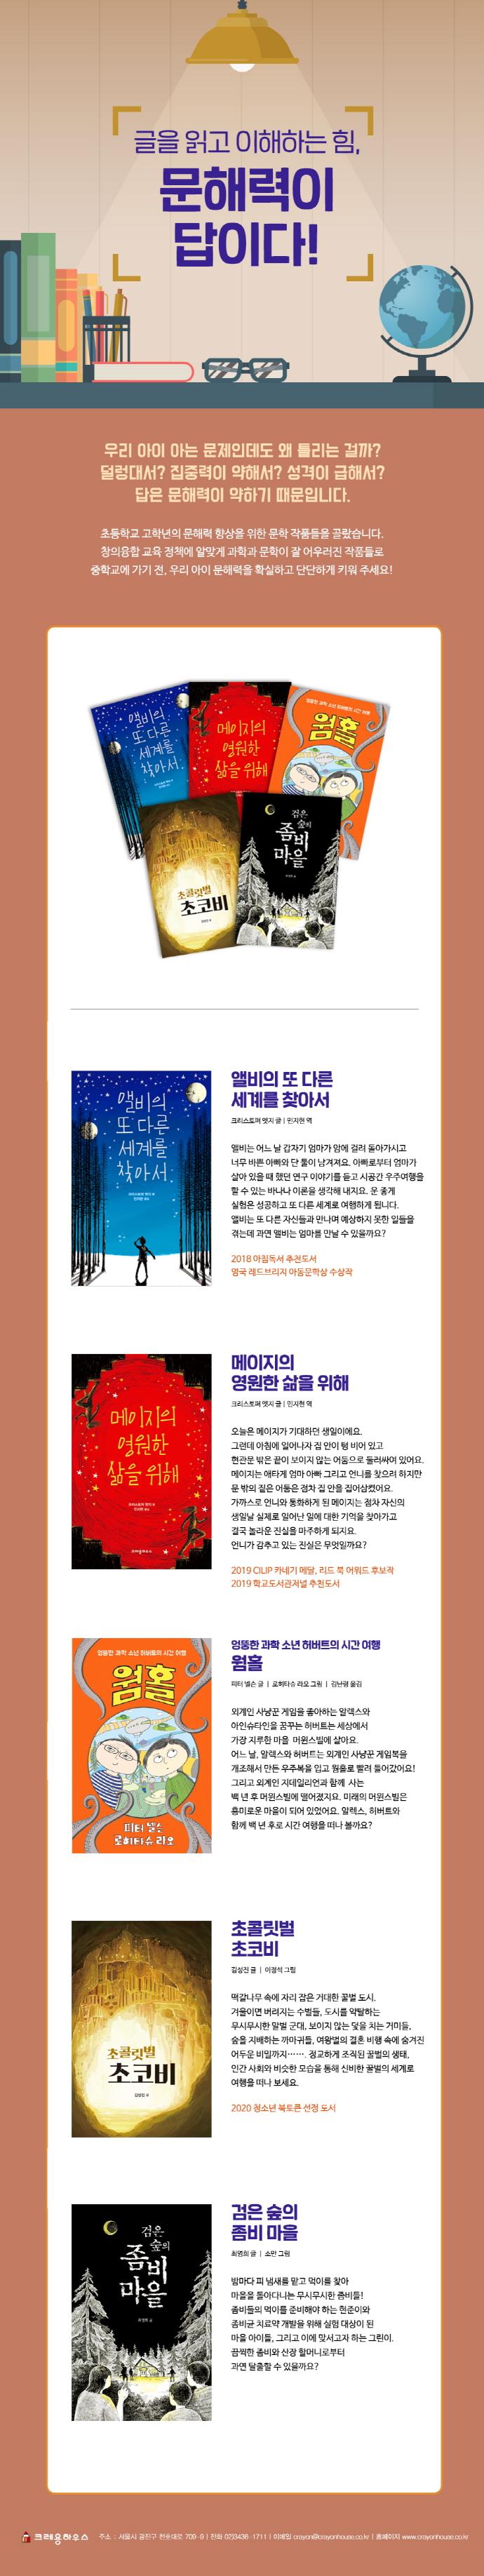 크레용하우스 문해력 고학년 읽기물 세트(전5권) 도서 상세이미지